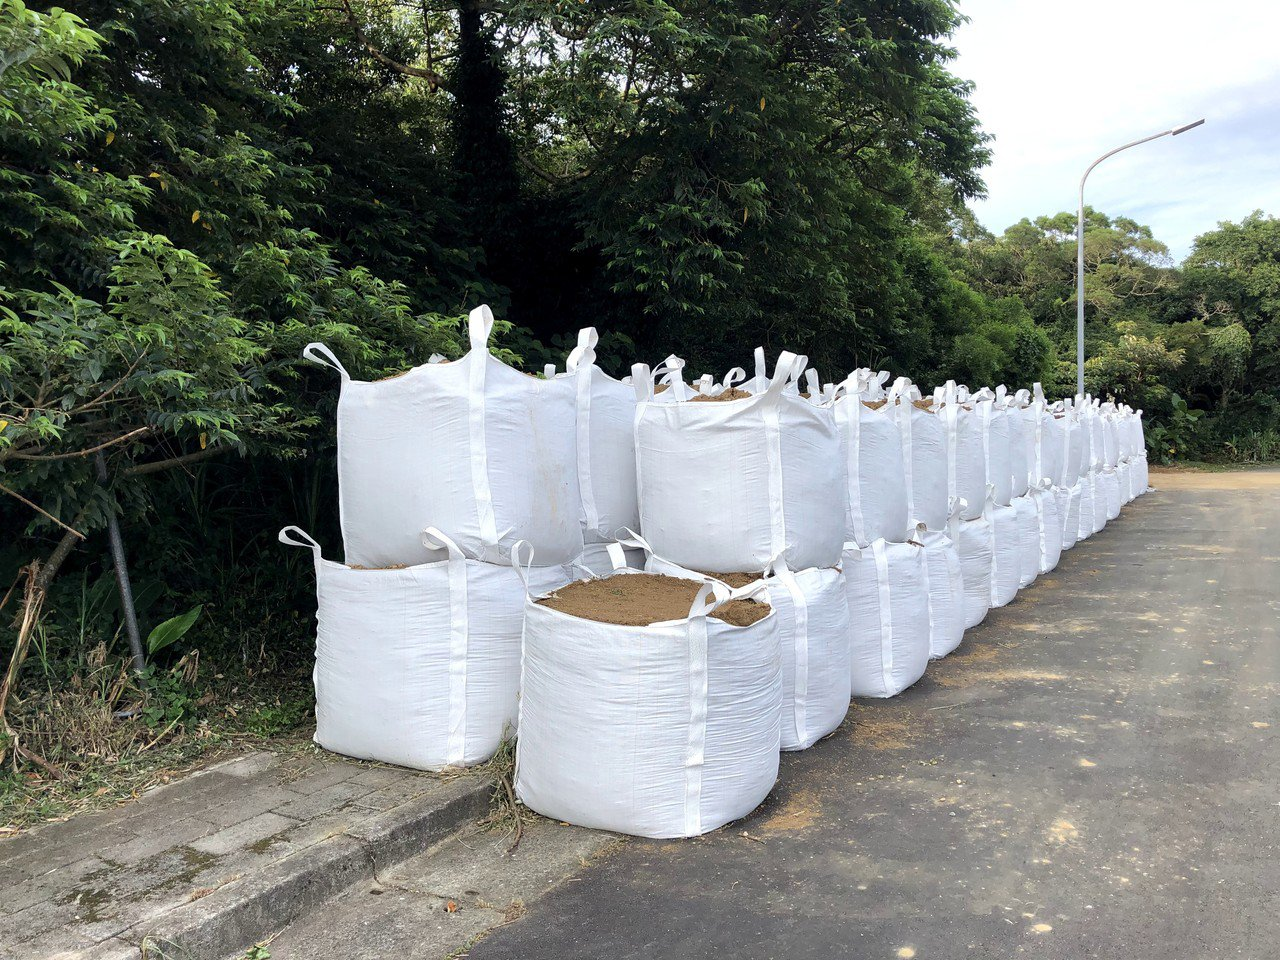 「住六之六自辦市定重劃區」延宕多年,日前爆出現場堆積土方等跡象,台北市環保局認定...